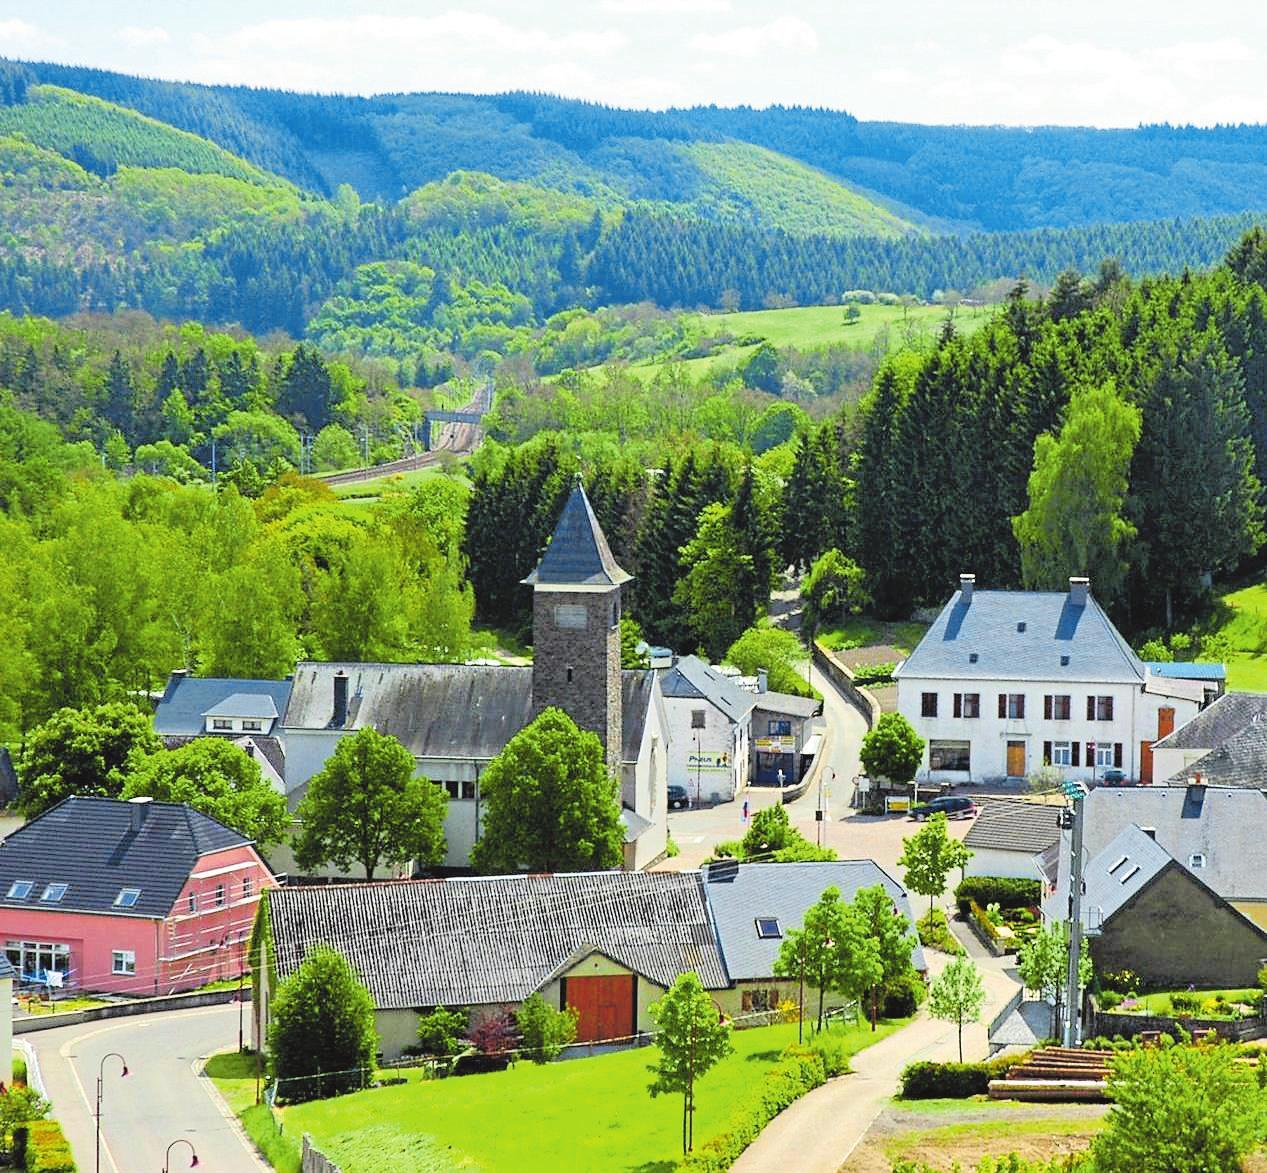 Die grüne Gemeinde Kiischpelt